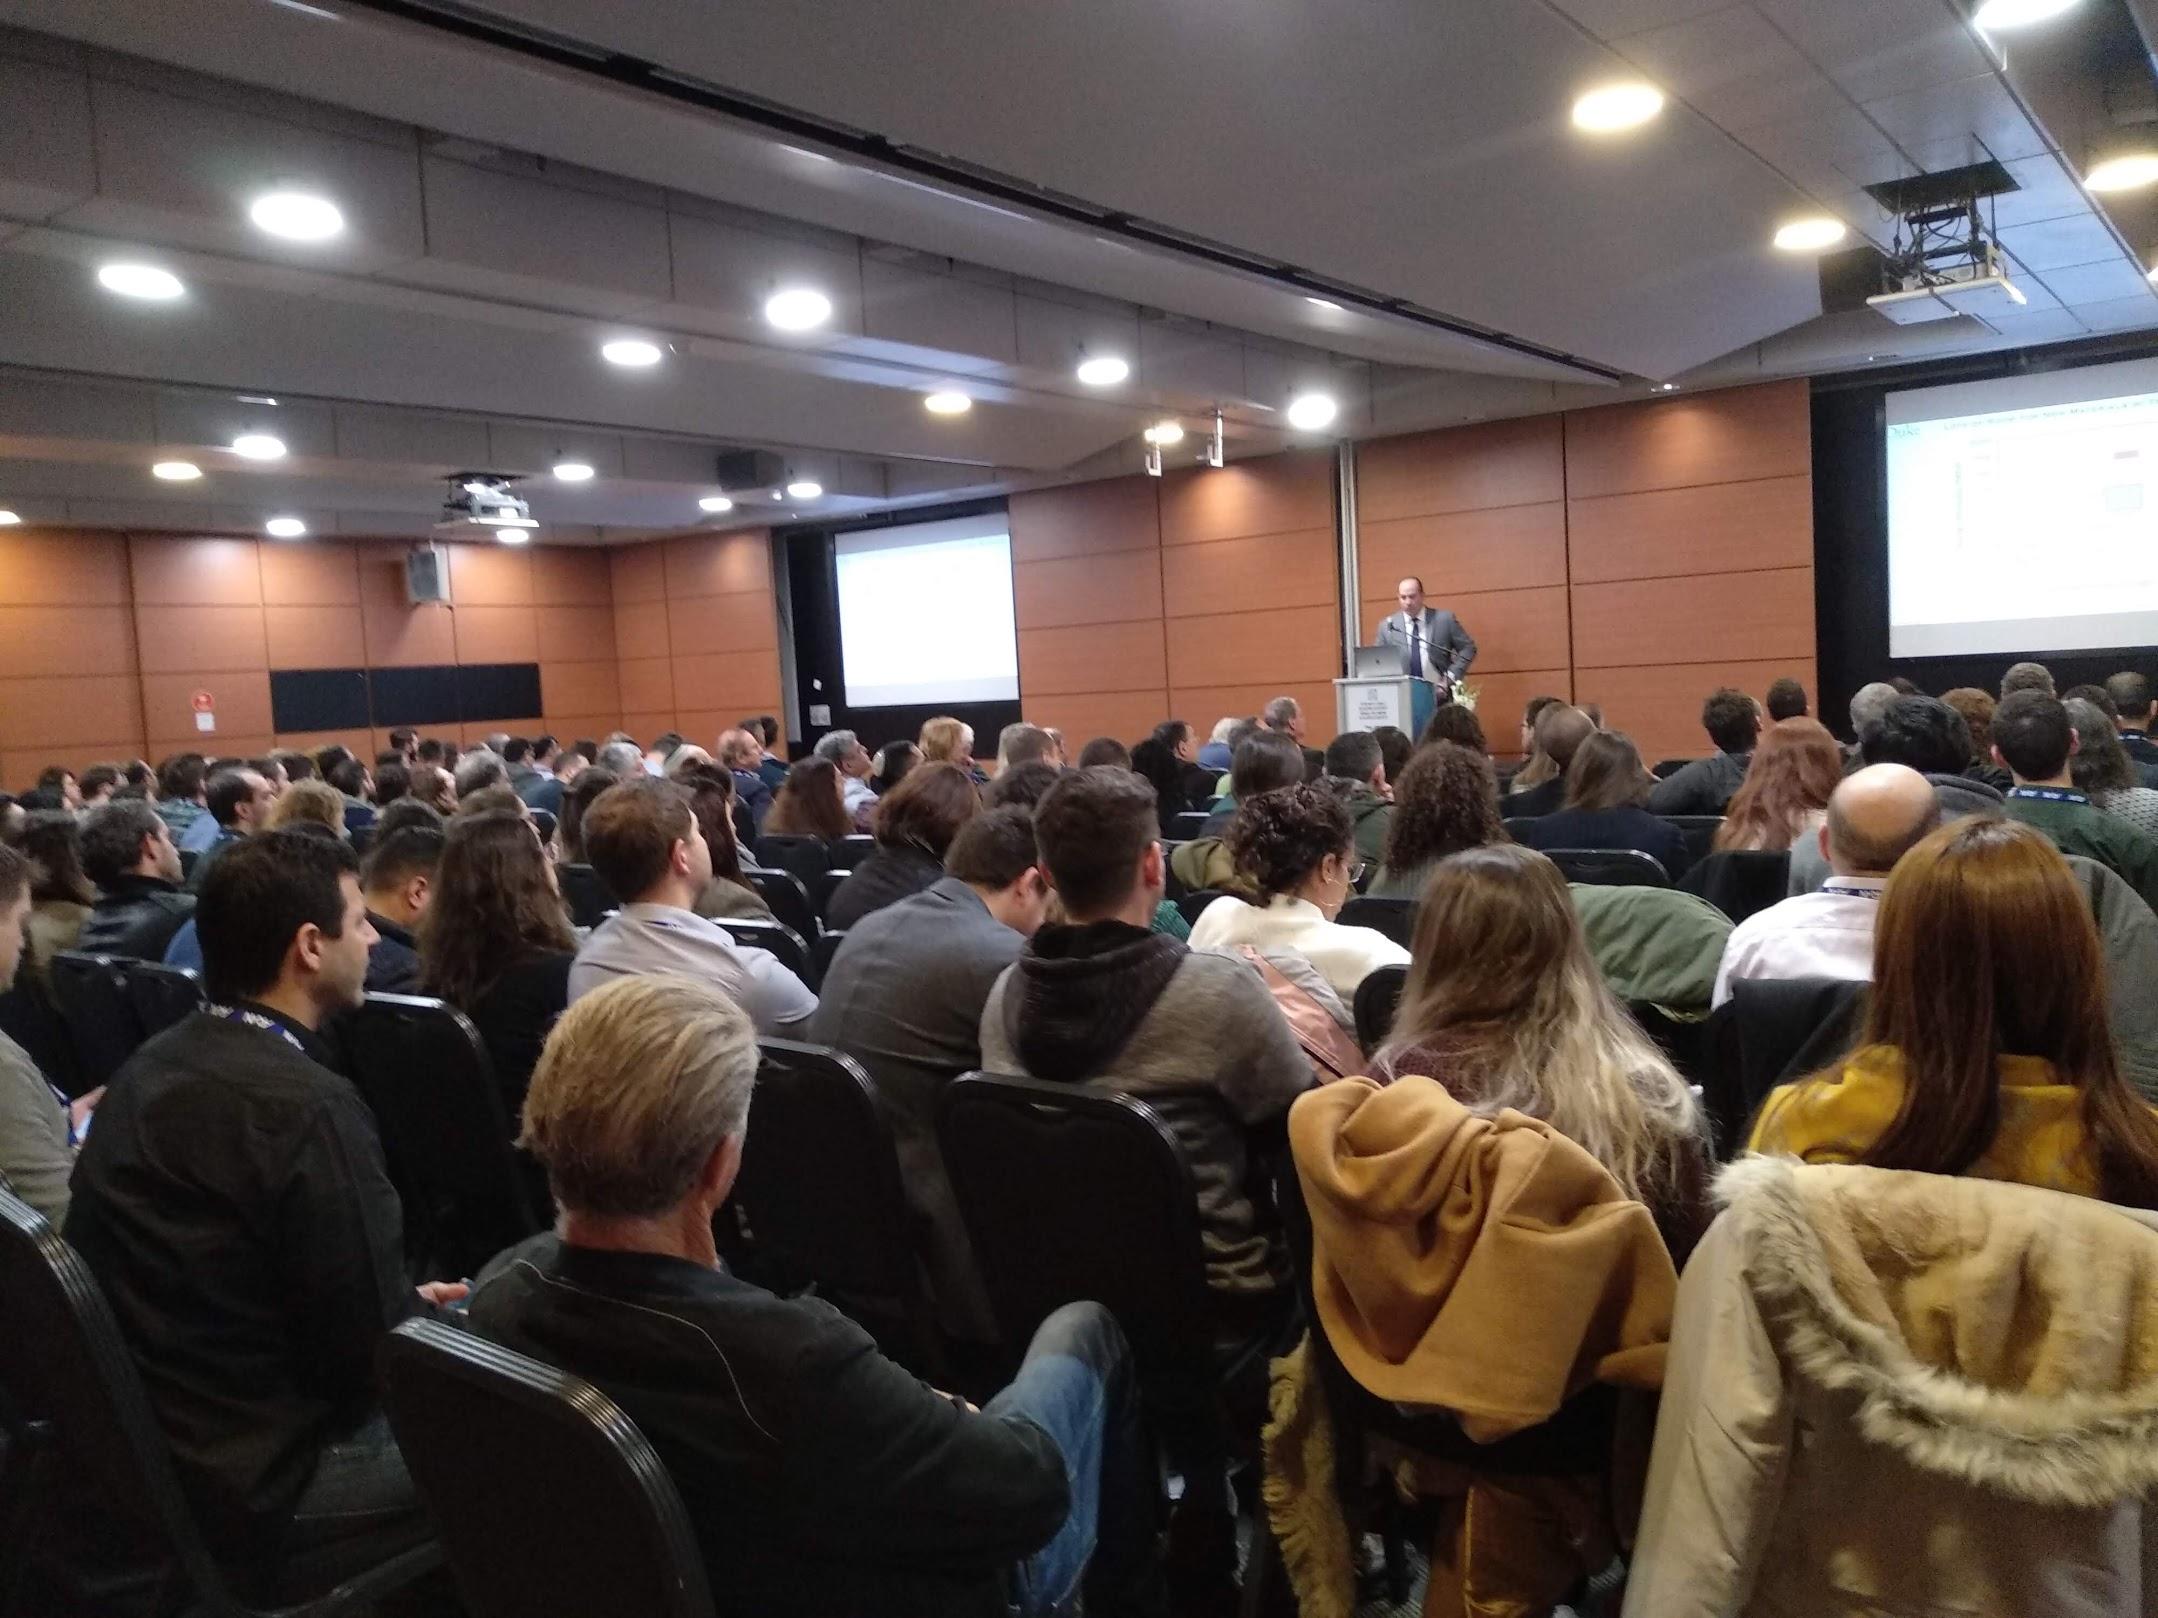 כשאקדמיה ותעשייה נפגשים הכנס השנתי ה-48 של האגודה הישראלית לפולימרים ופלסטיקה